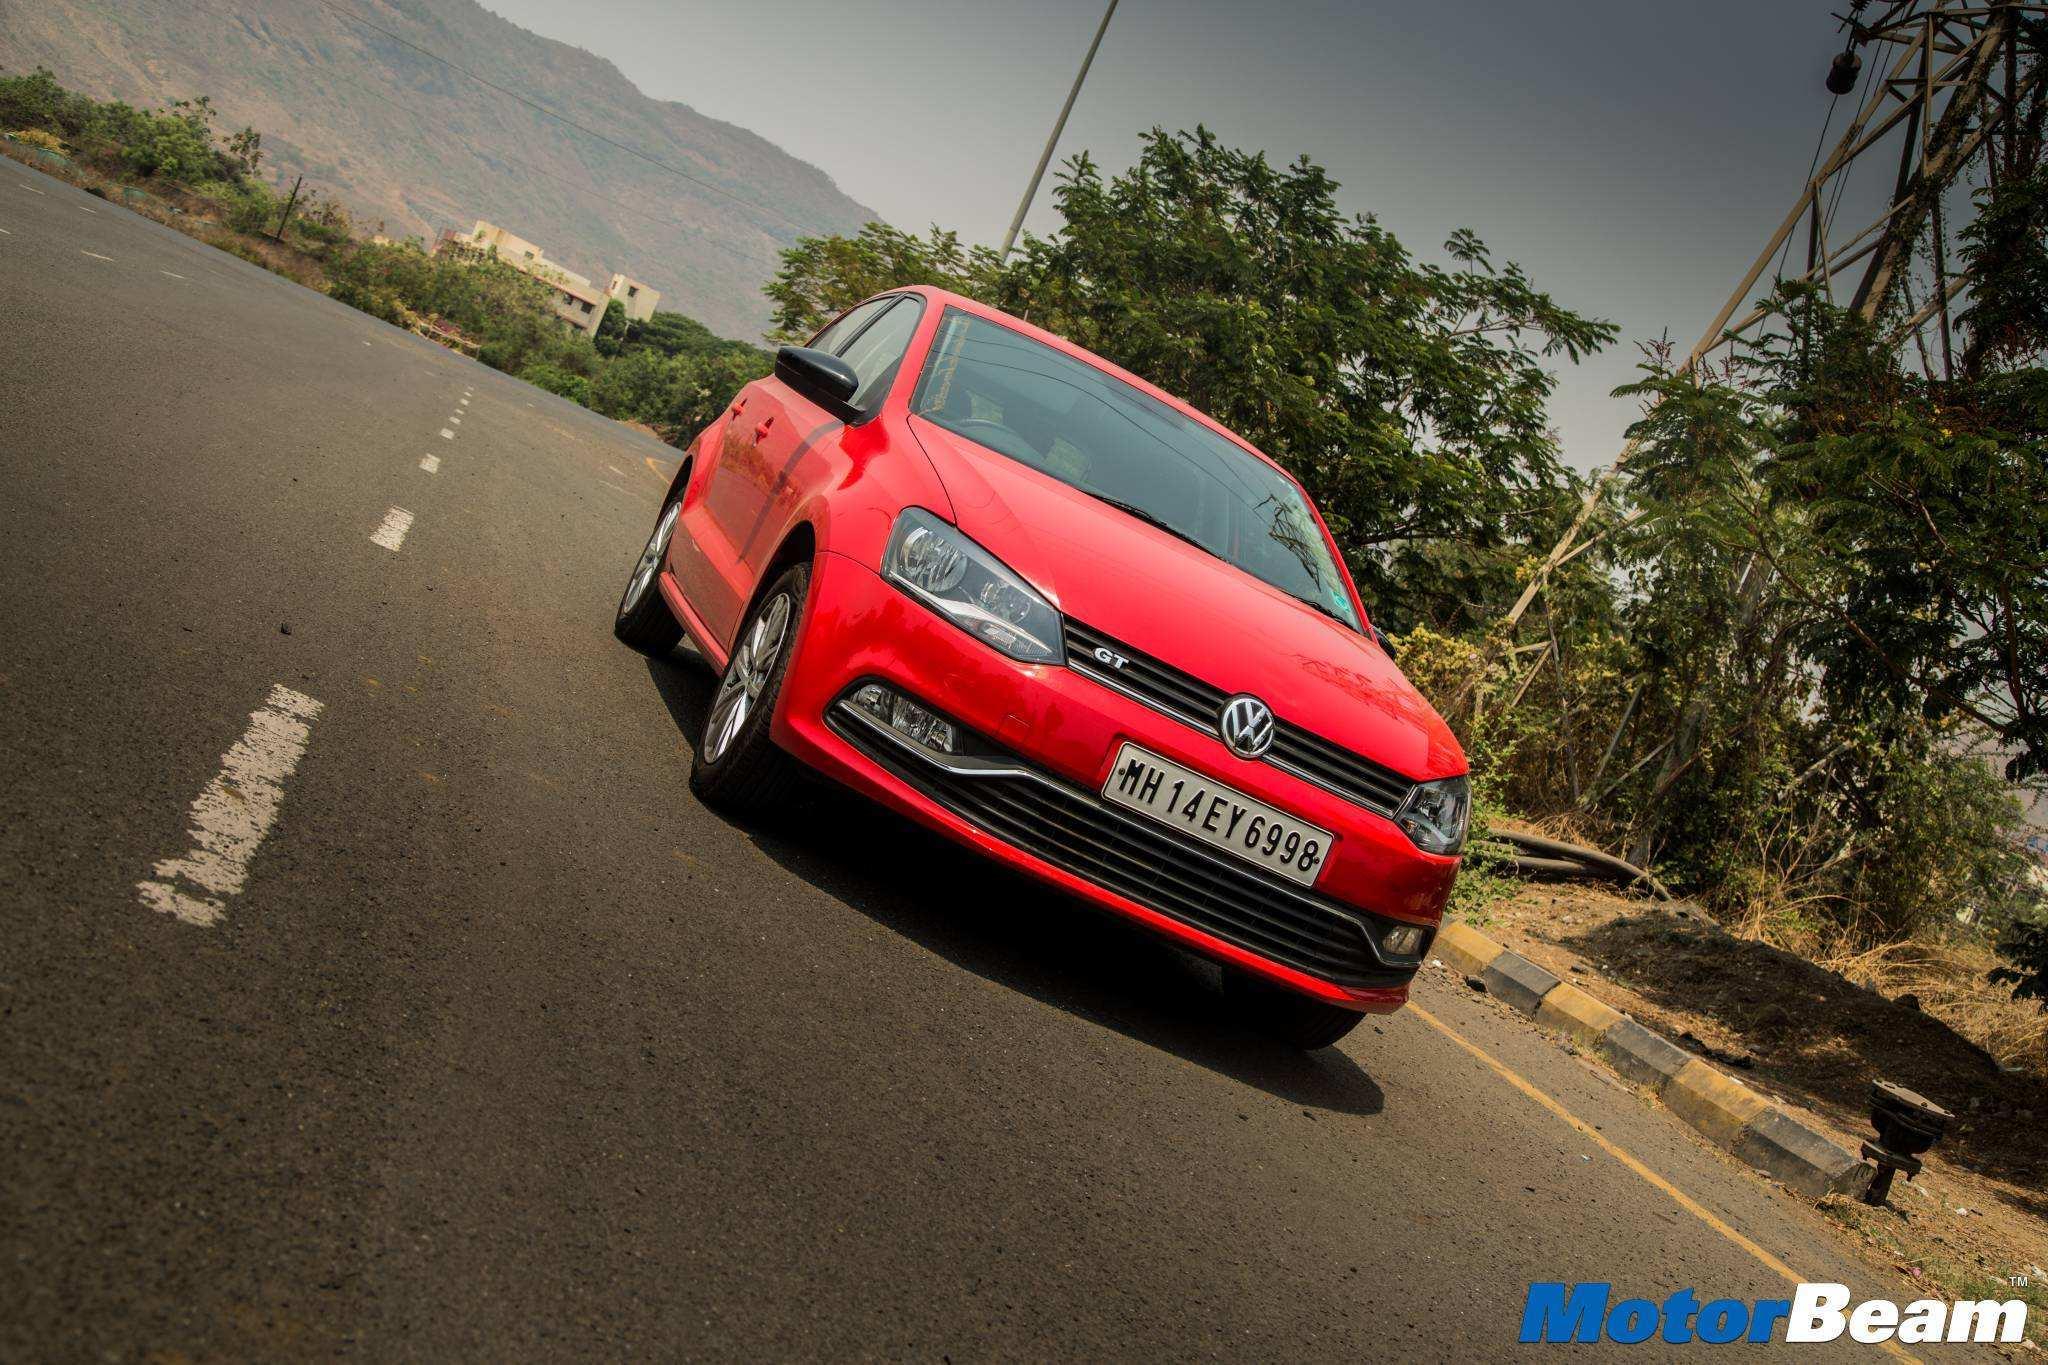 65 Great Volkswagen Diesel 2020 Photos with Volkswagen Diesel 2020